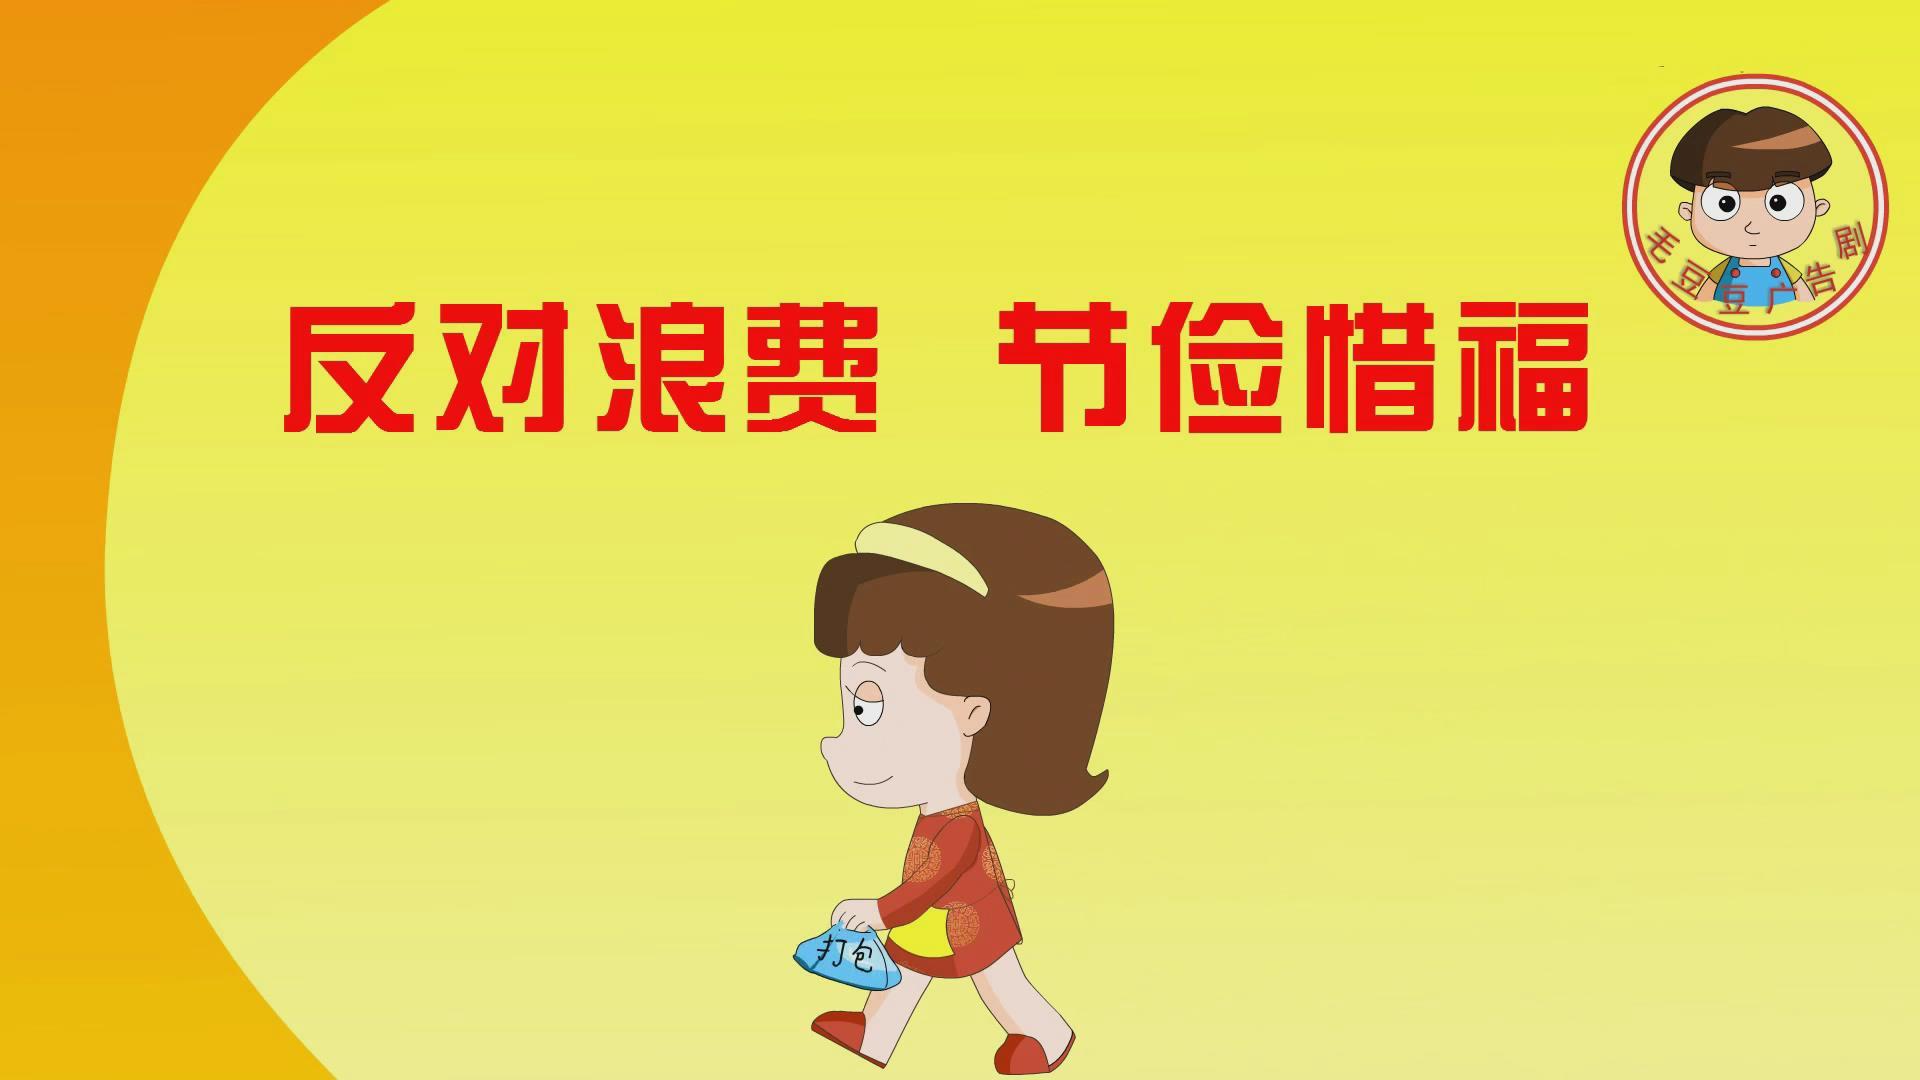 鱼乐动漫公益广告剧 动漫 动画片 鱼乐动漫影视传媒图片